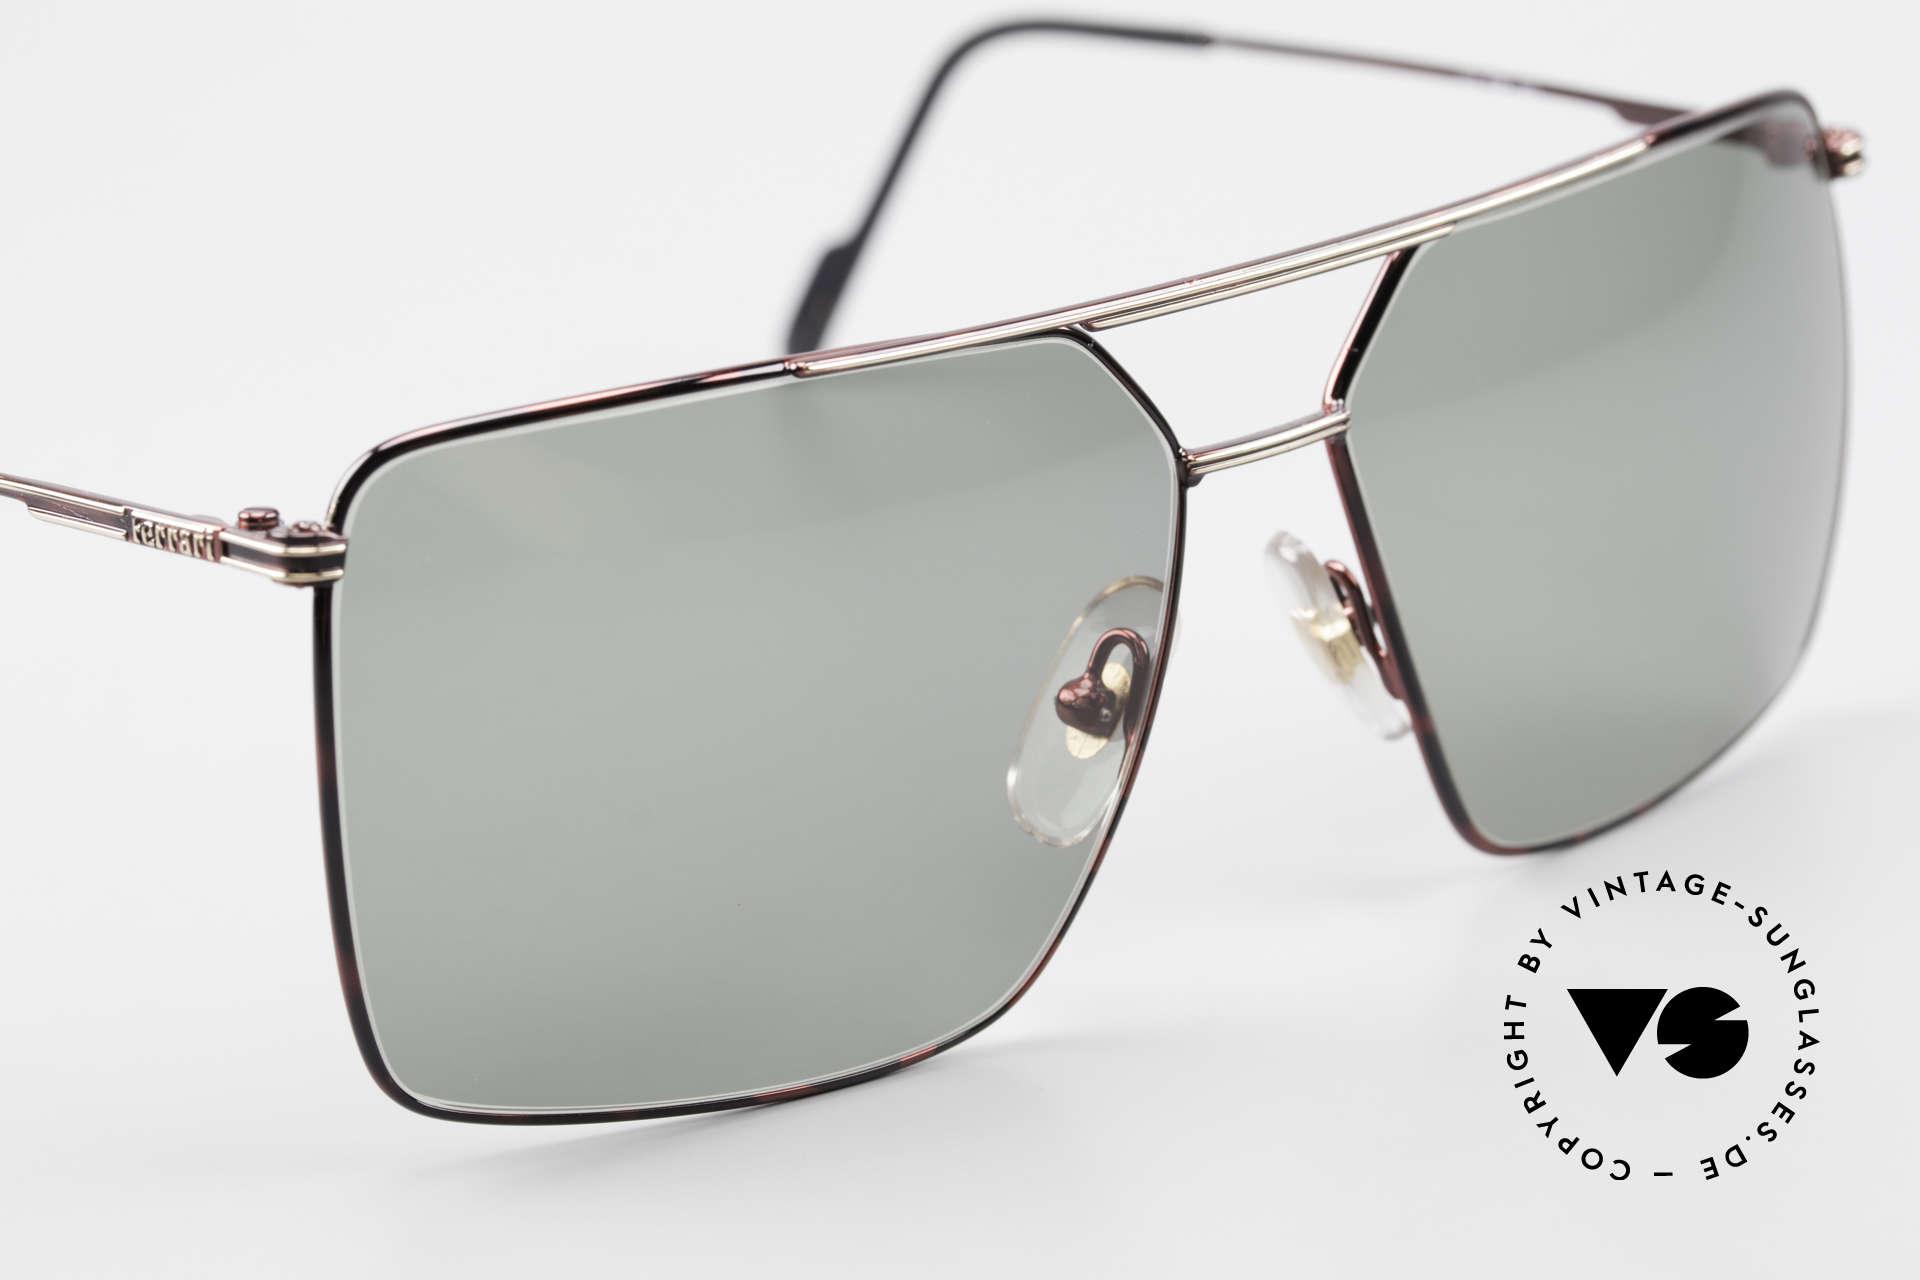 Ferrari F46 Ferrari Formula 1 Sunglasses, NO RETRO SHADES, but a rare old 100% Original!, Made for Men